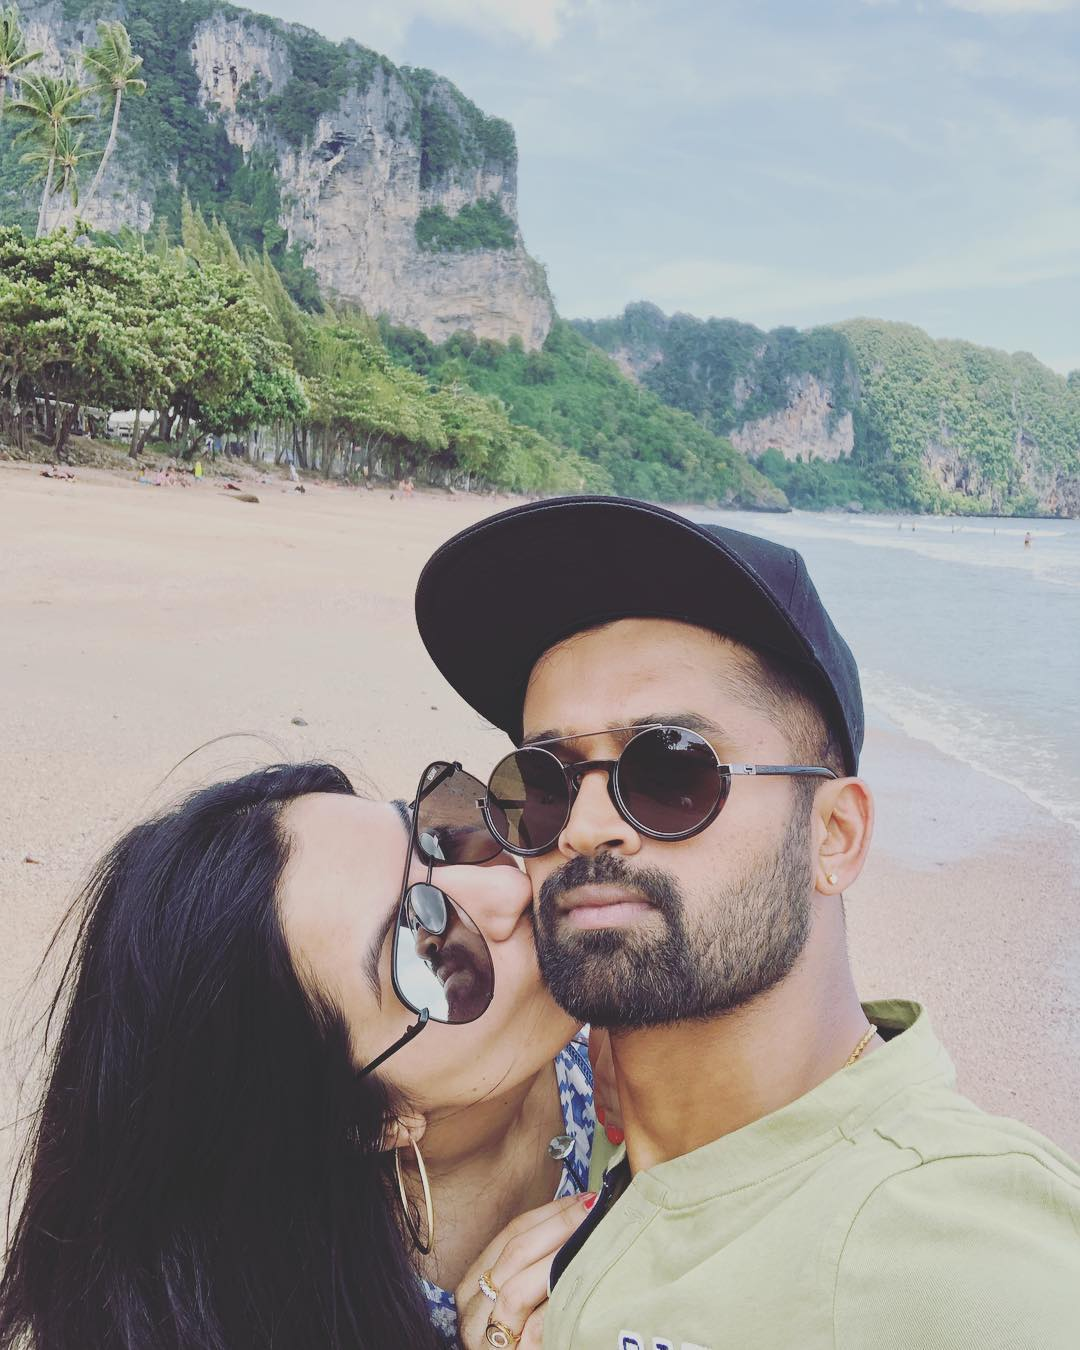 ان دونوں کی ملاقات ایک مشترکہ دوست کے ذریعہ ہوئی تھی ۔ تقریبا چار سال تک ایک دوسرے کو ڈیٹ کرنے کے بعد دونوں نے شادی کرلی ۔ فوٹو : انسٹاگرام ۔